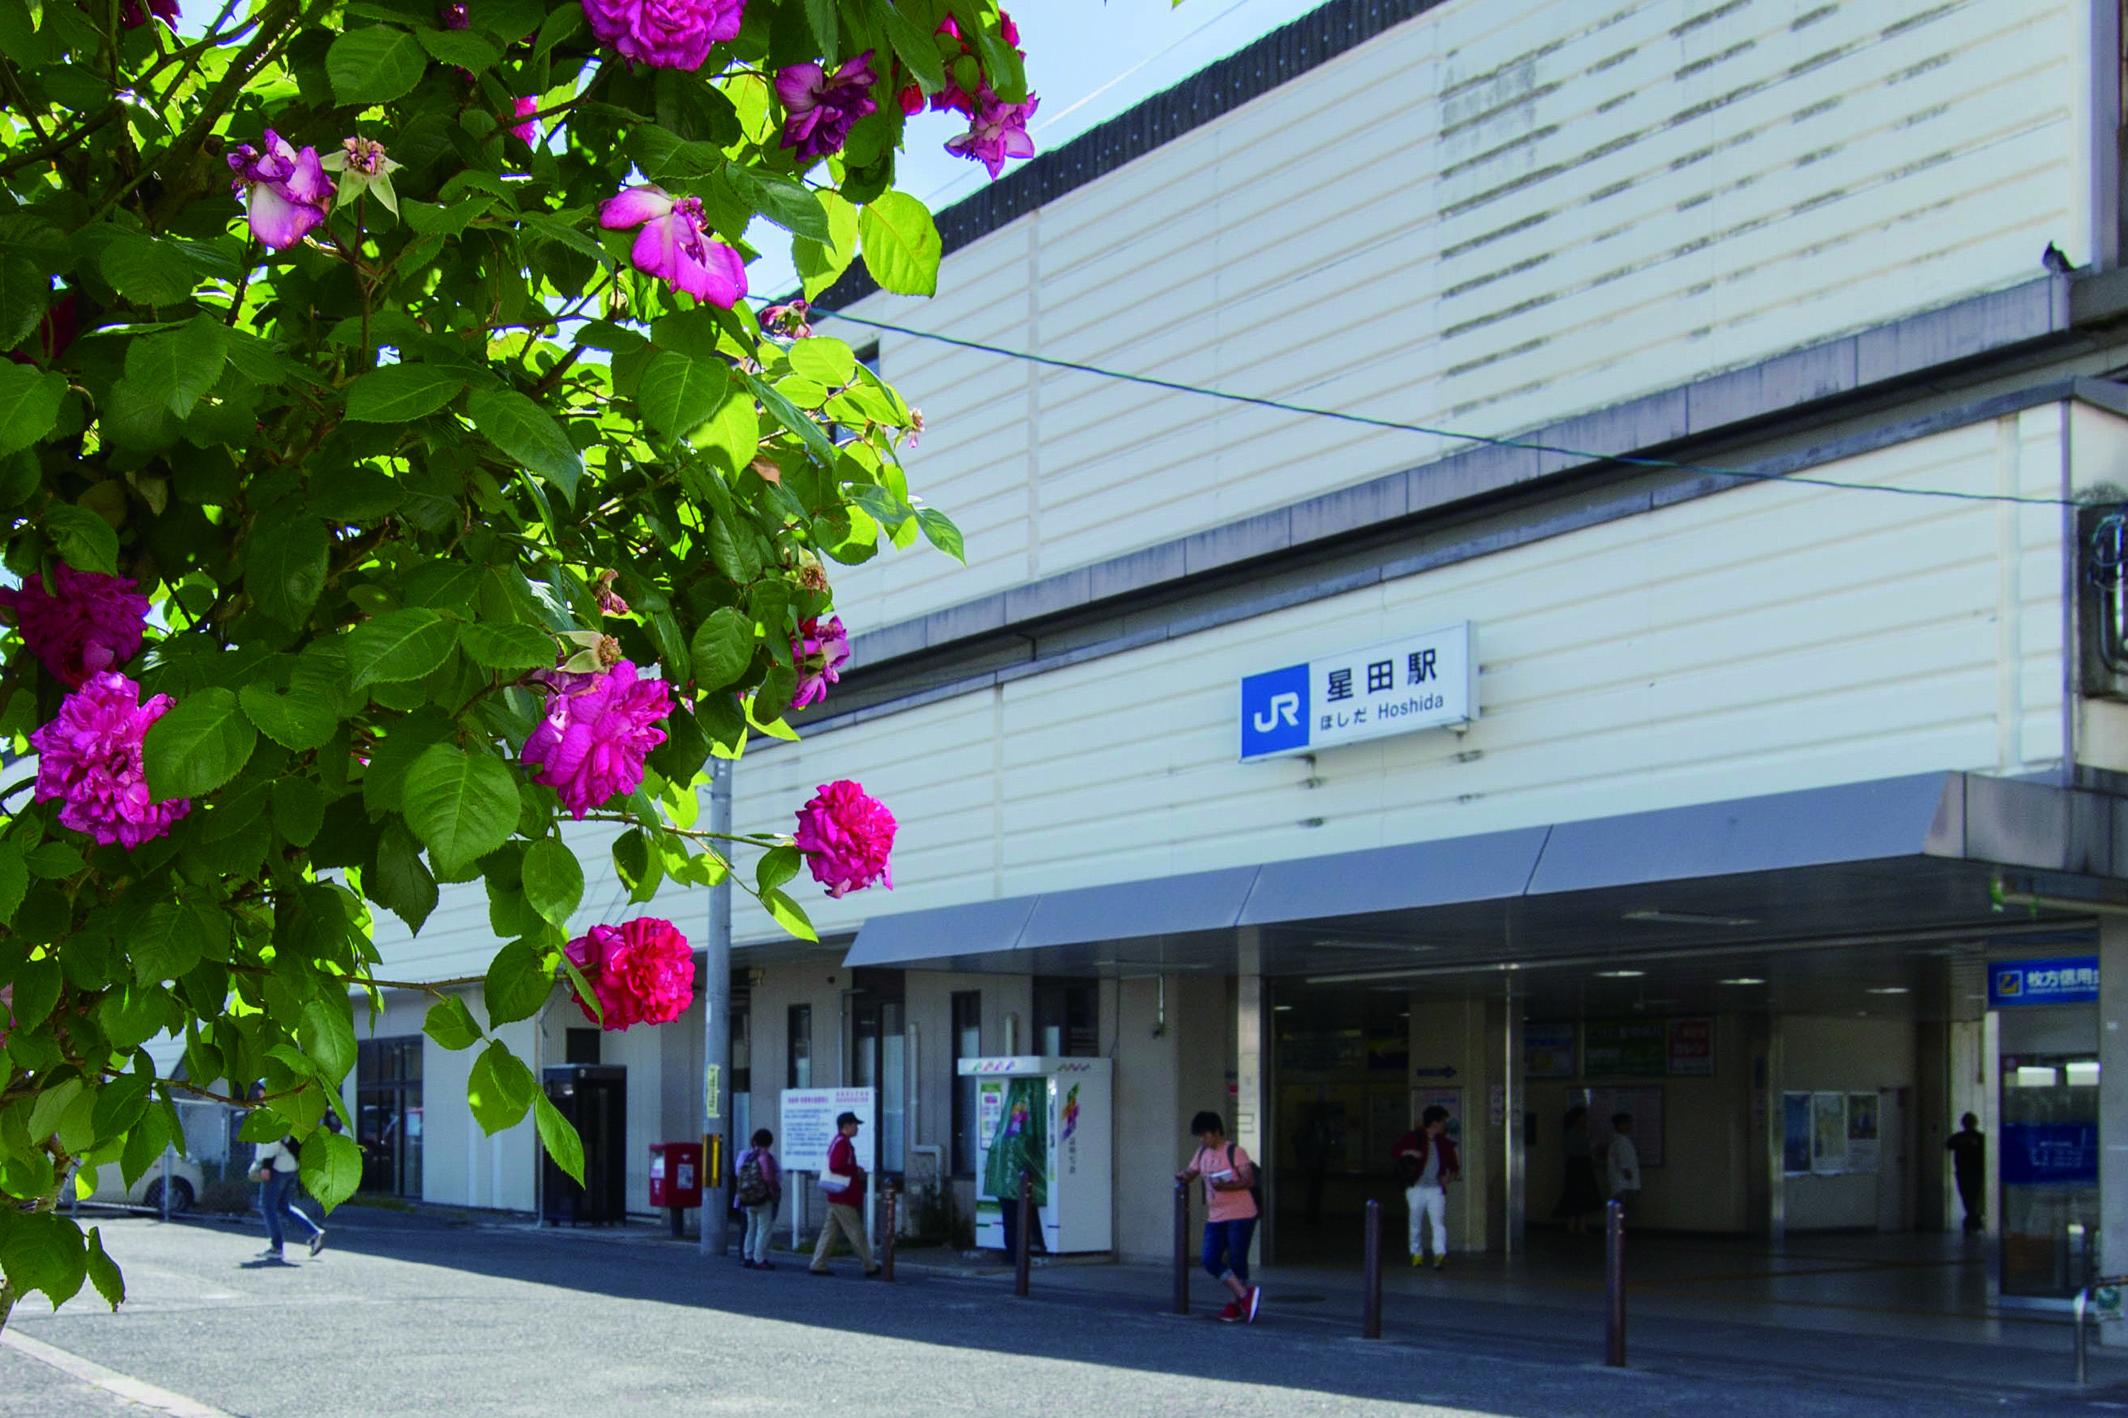 快速停車駅のJR学研都市線「星田」が徒歩15分。乗り換えなしで「京橋」駅や「北新地」駅へ快適アクセス。